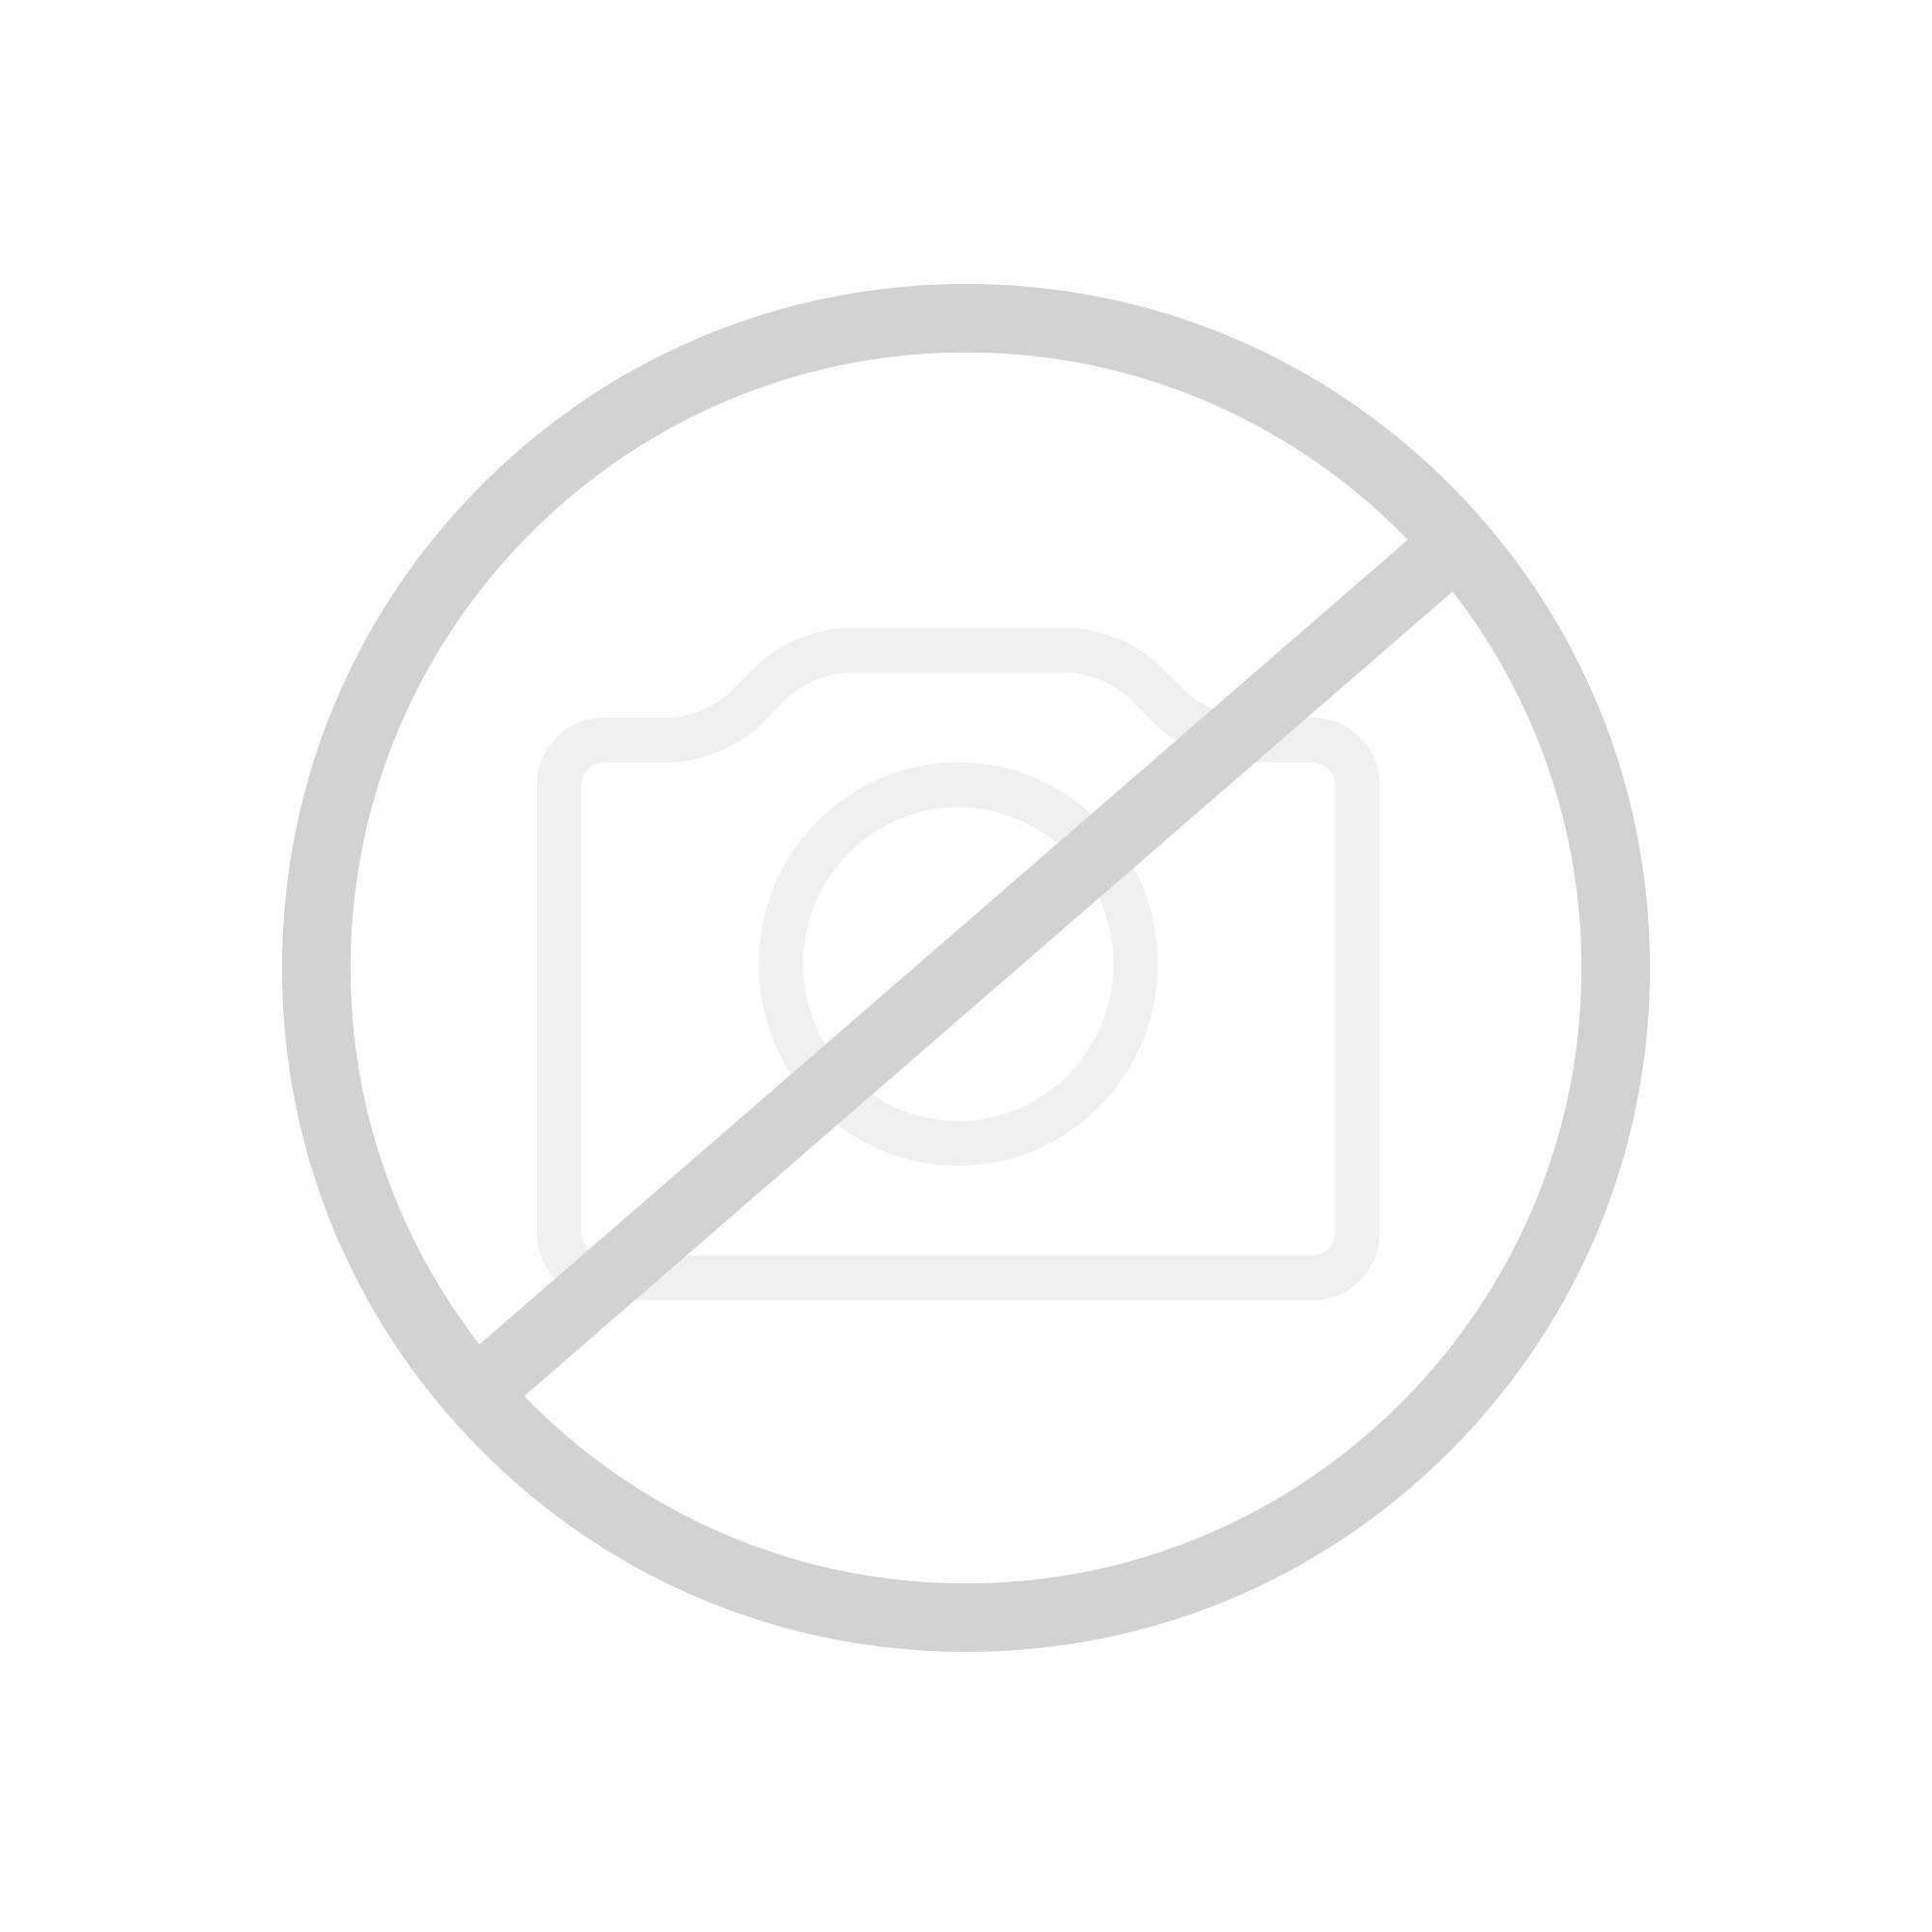 Duschwannen & Duschtassen günstig kaufen bei REUTER | {Duschwanne flach anthrazit 67}